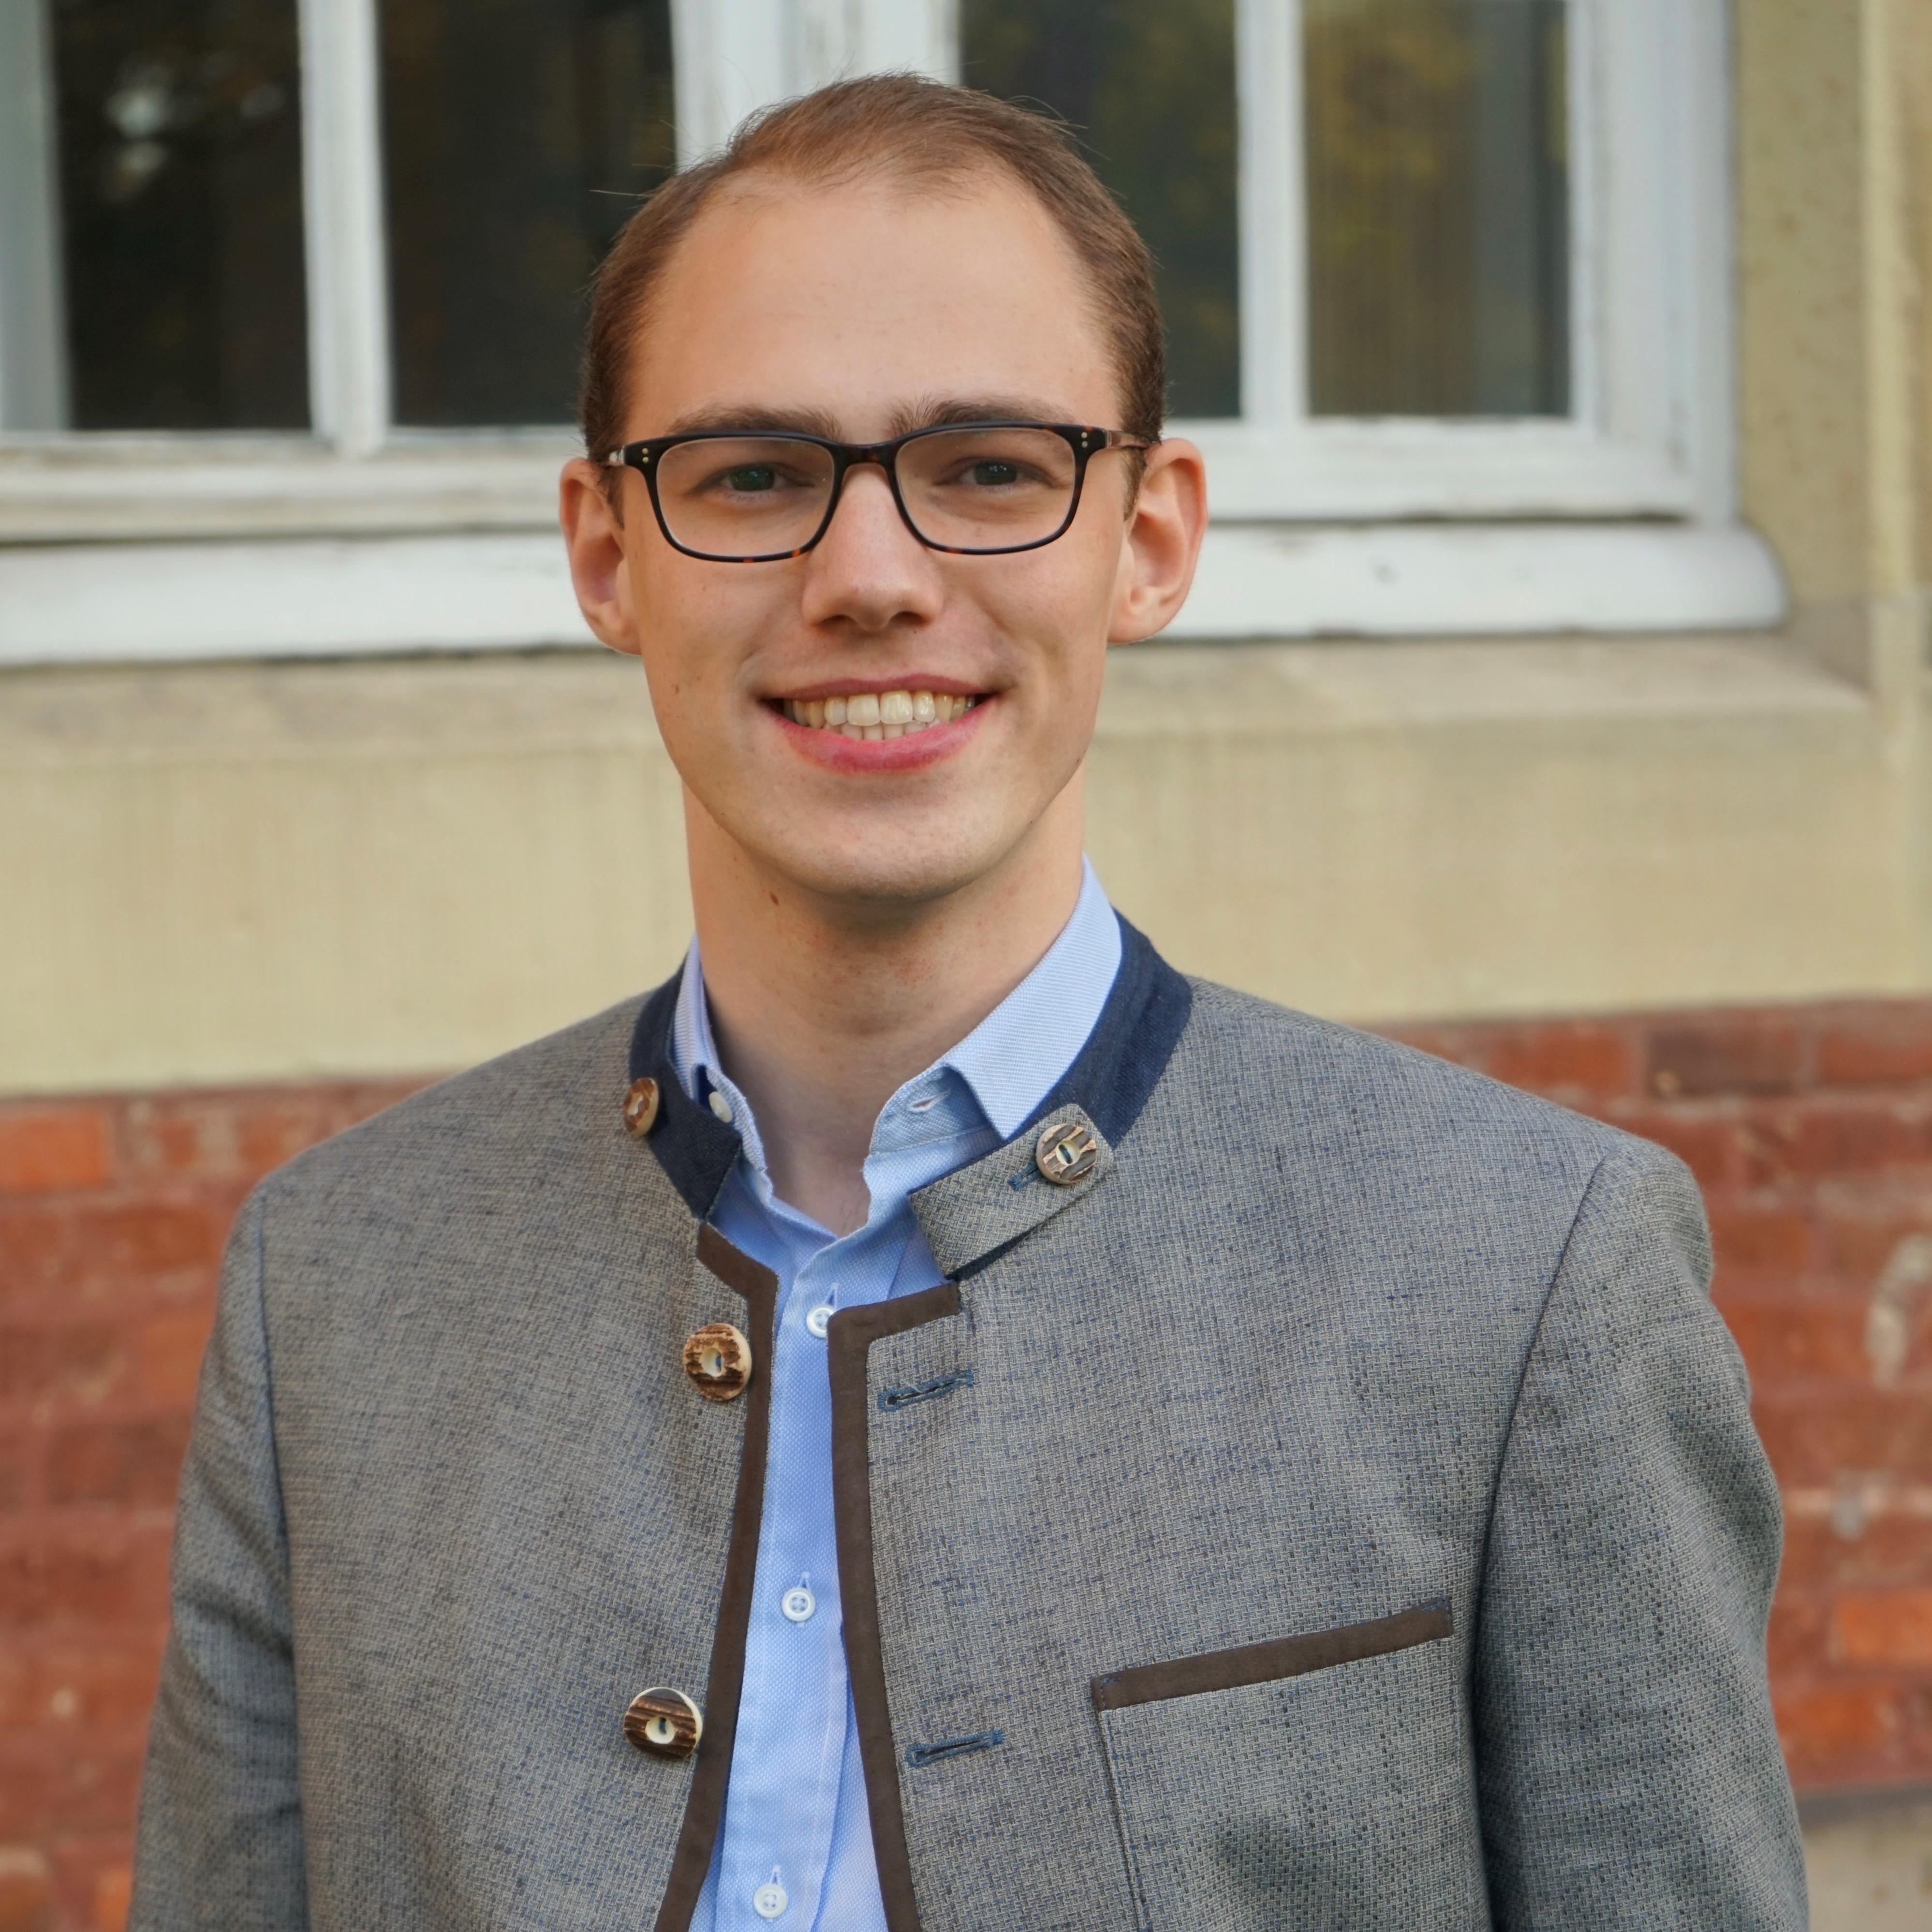 Felix Gericke